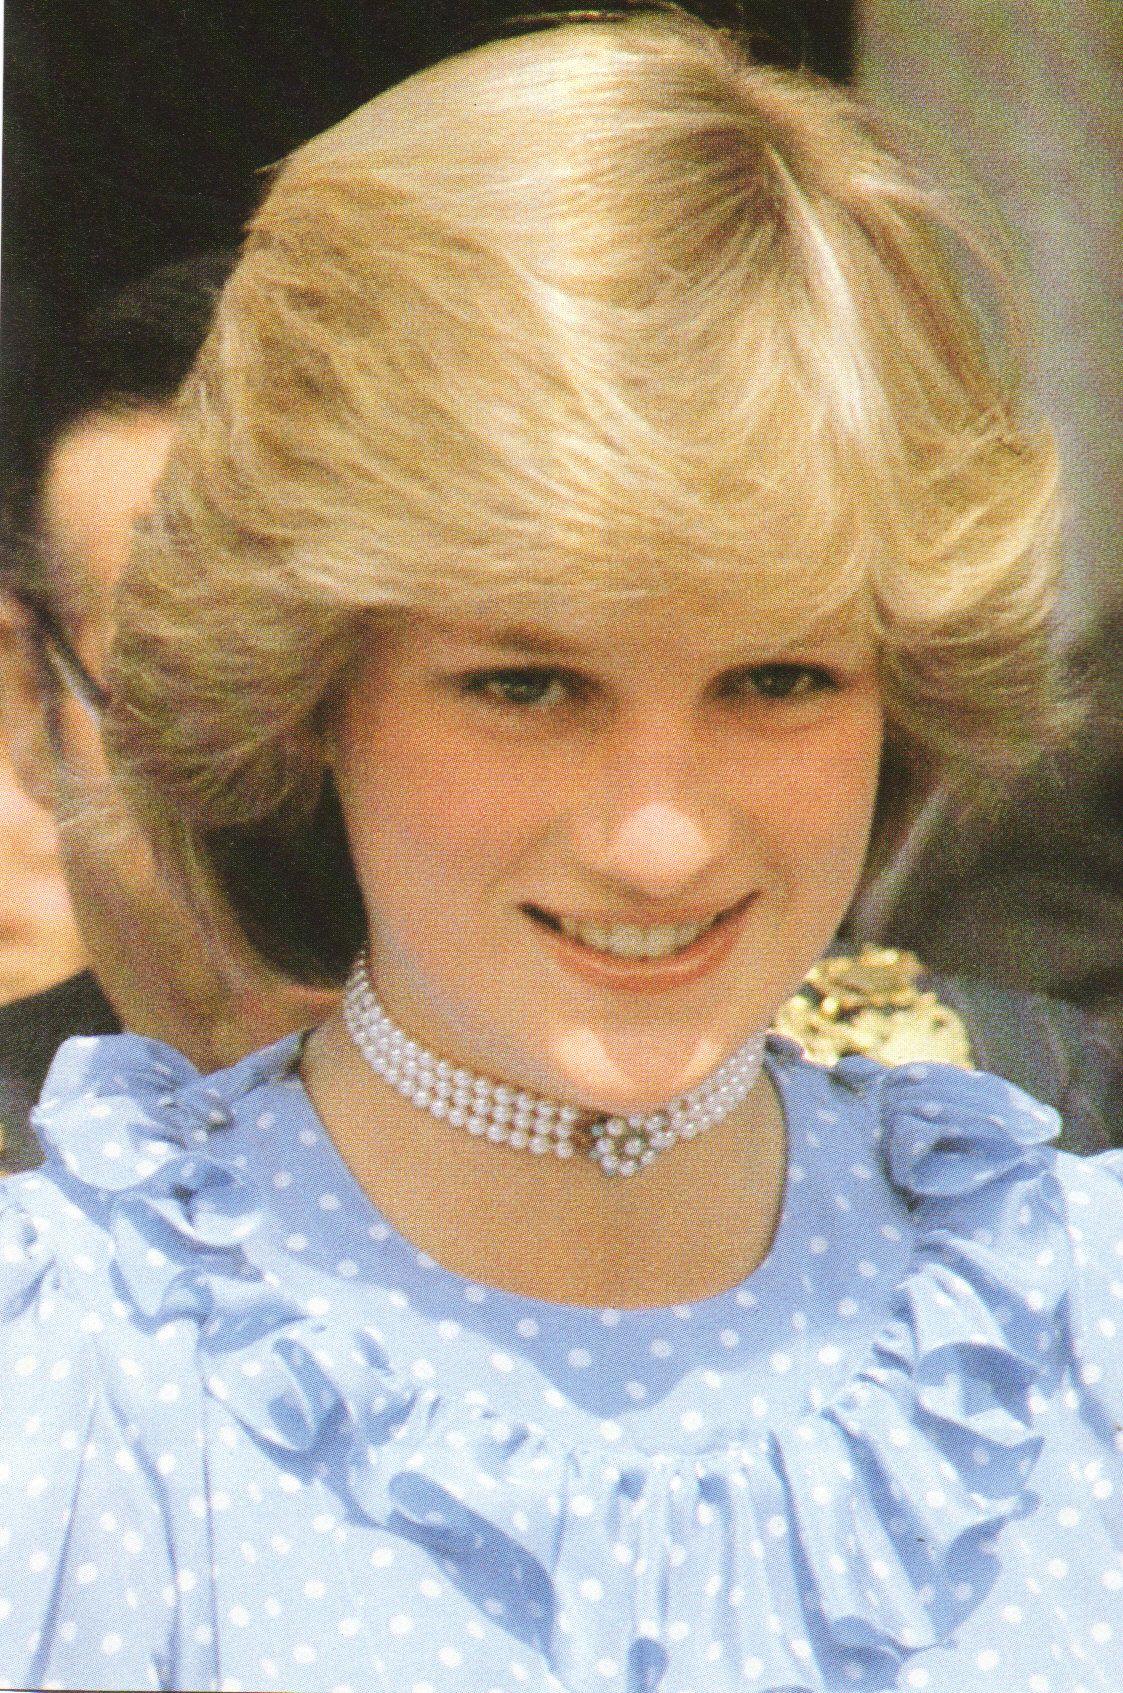 Princess diana diana princess of wales pinterest for Princess diana new photos